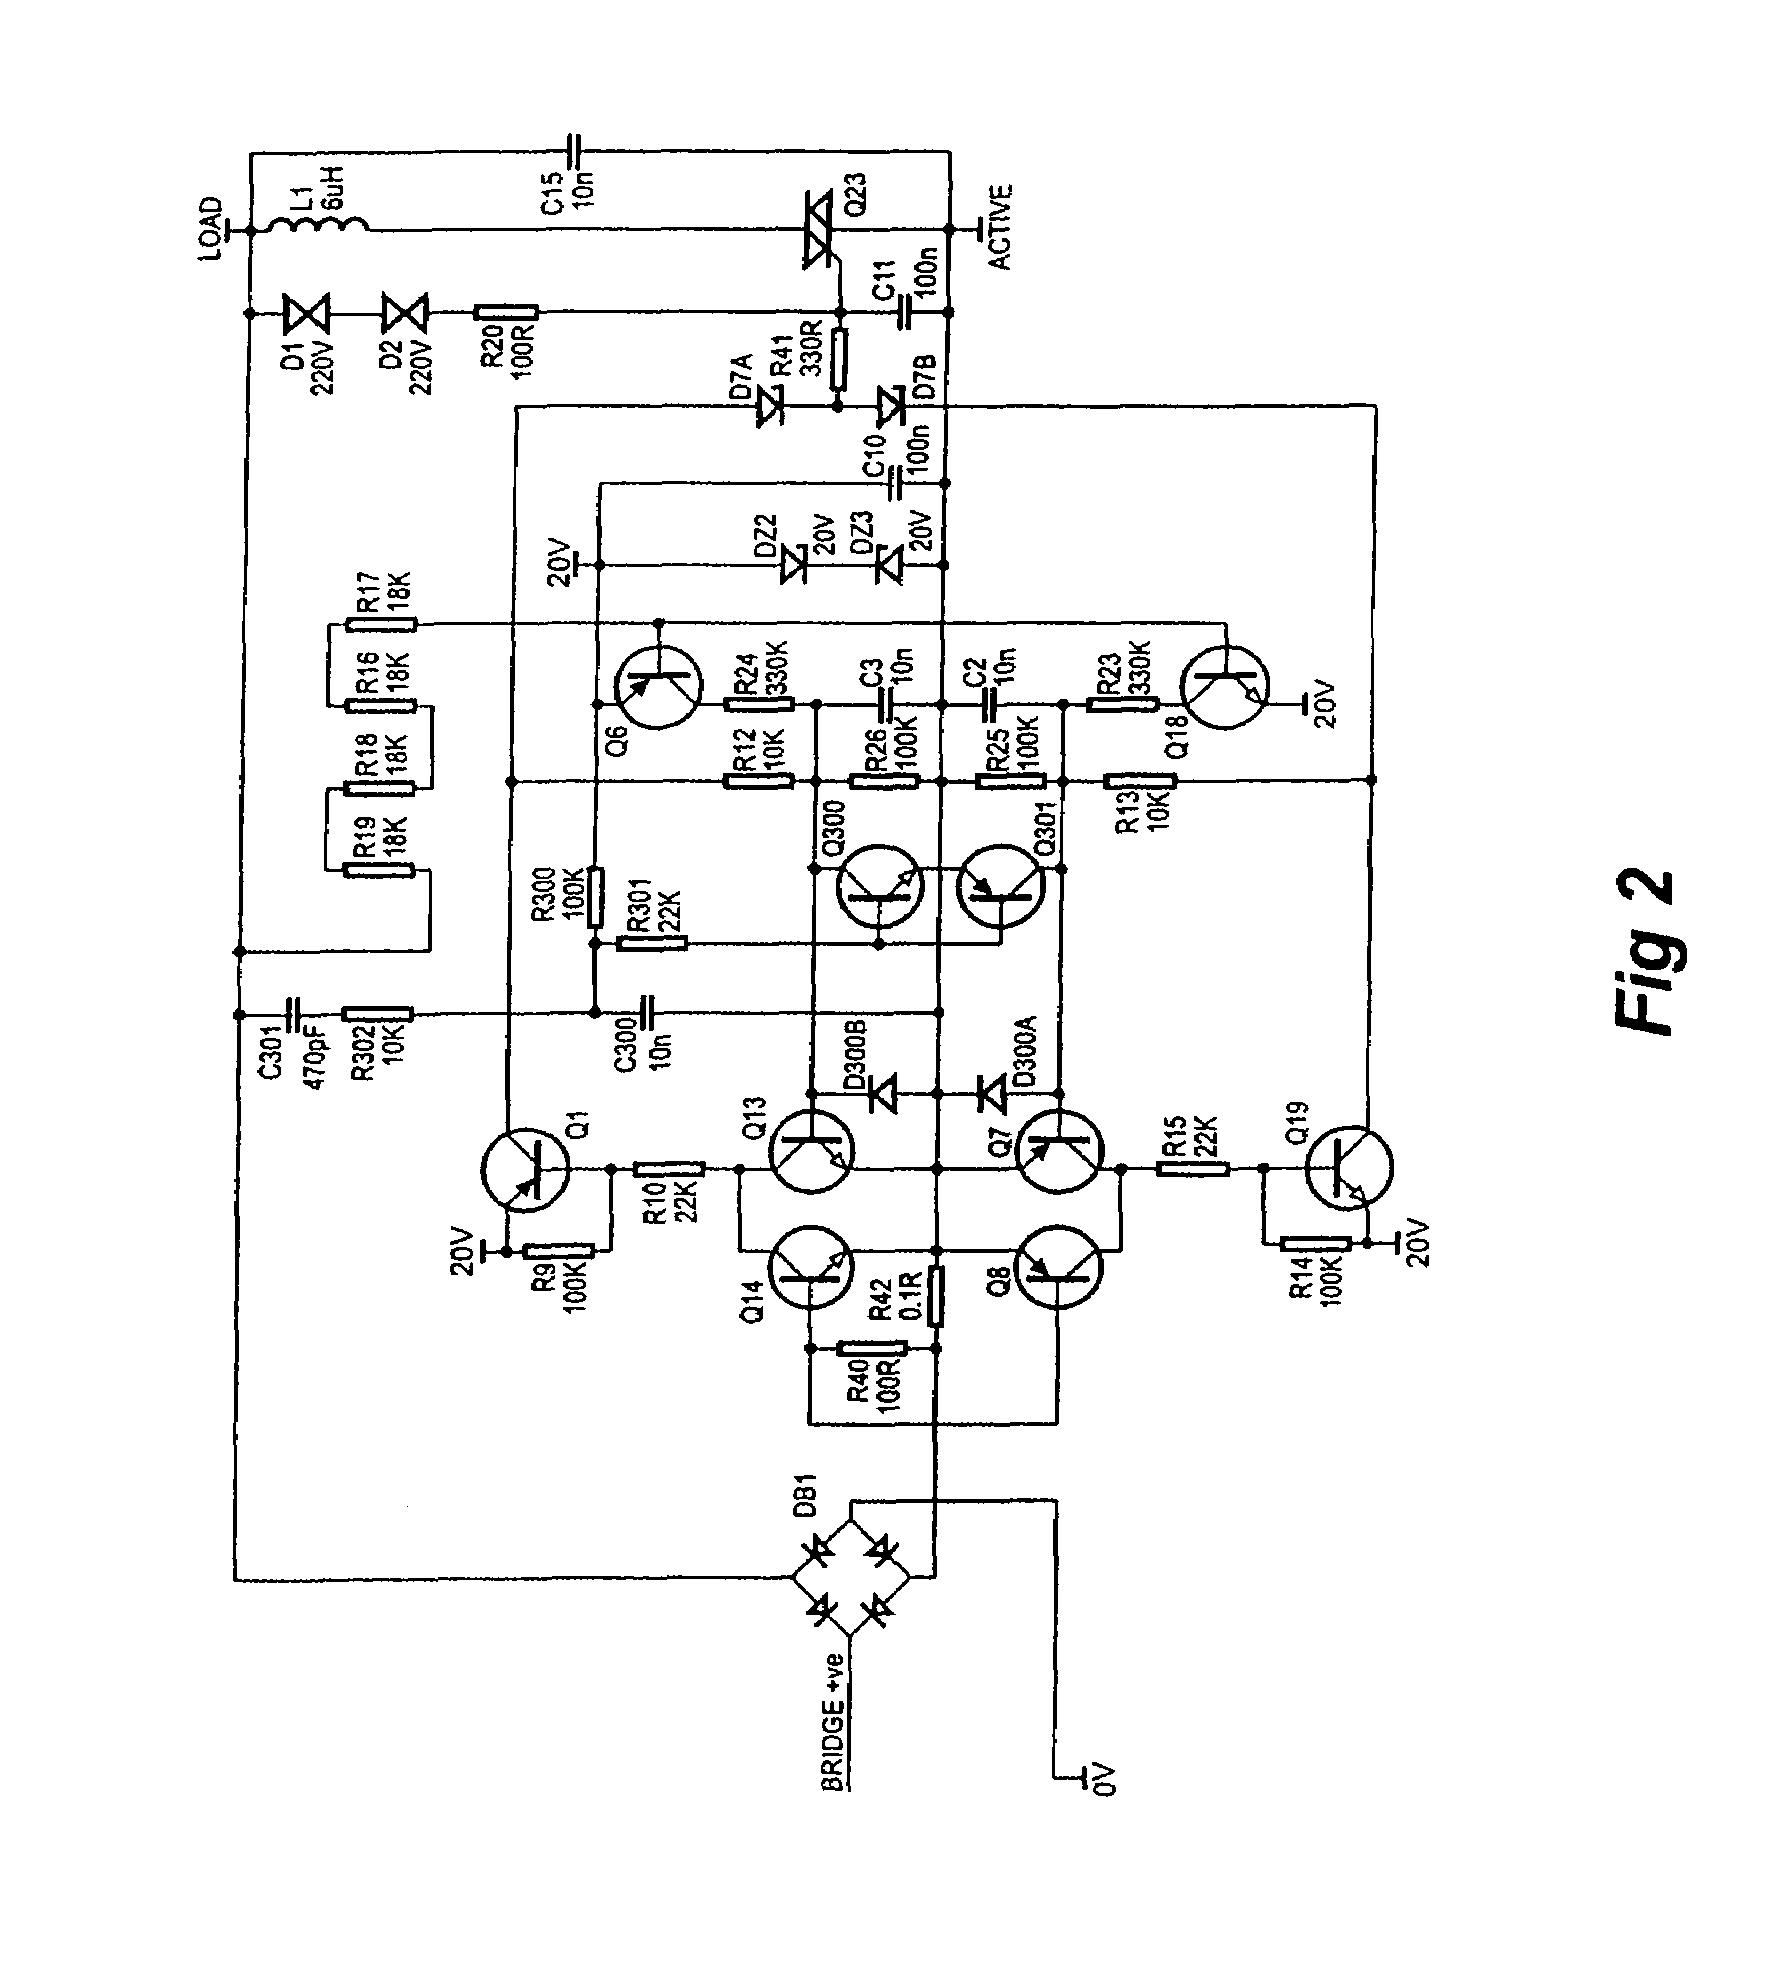 patent us7339331